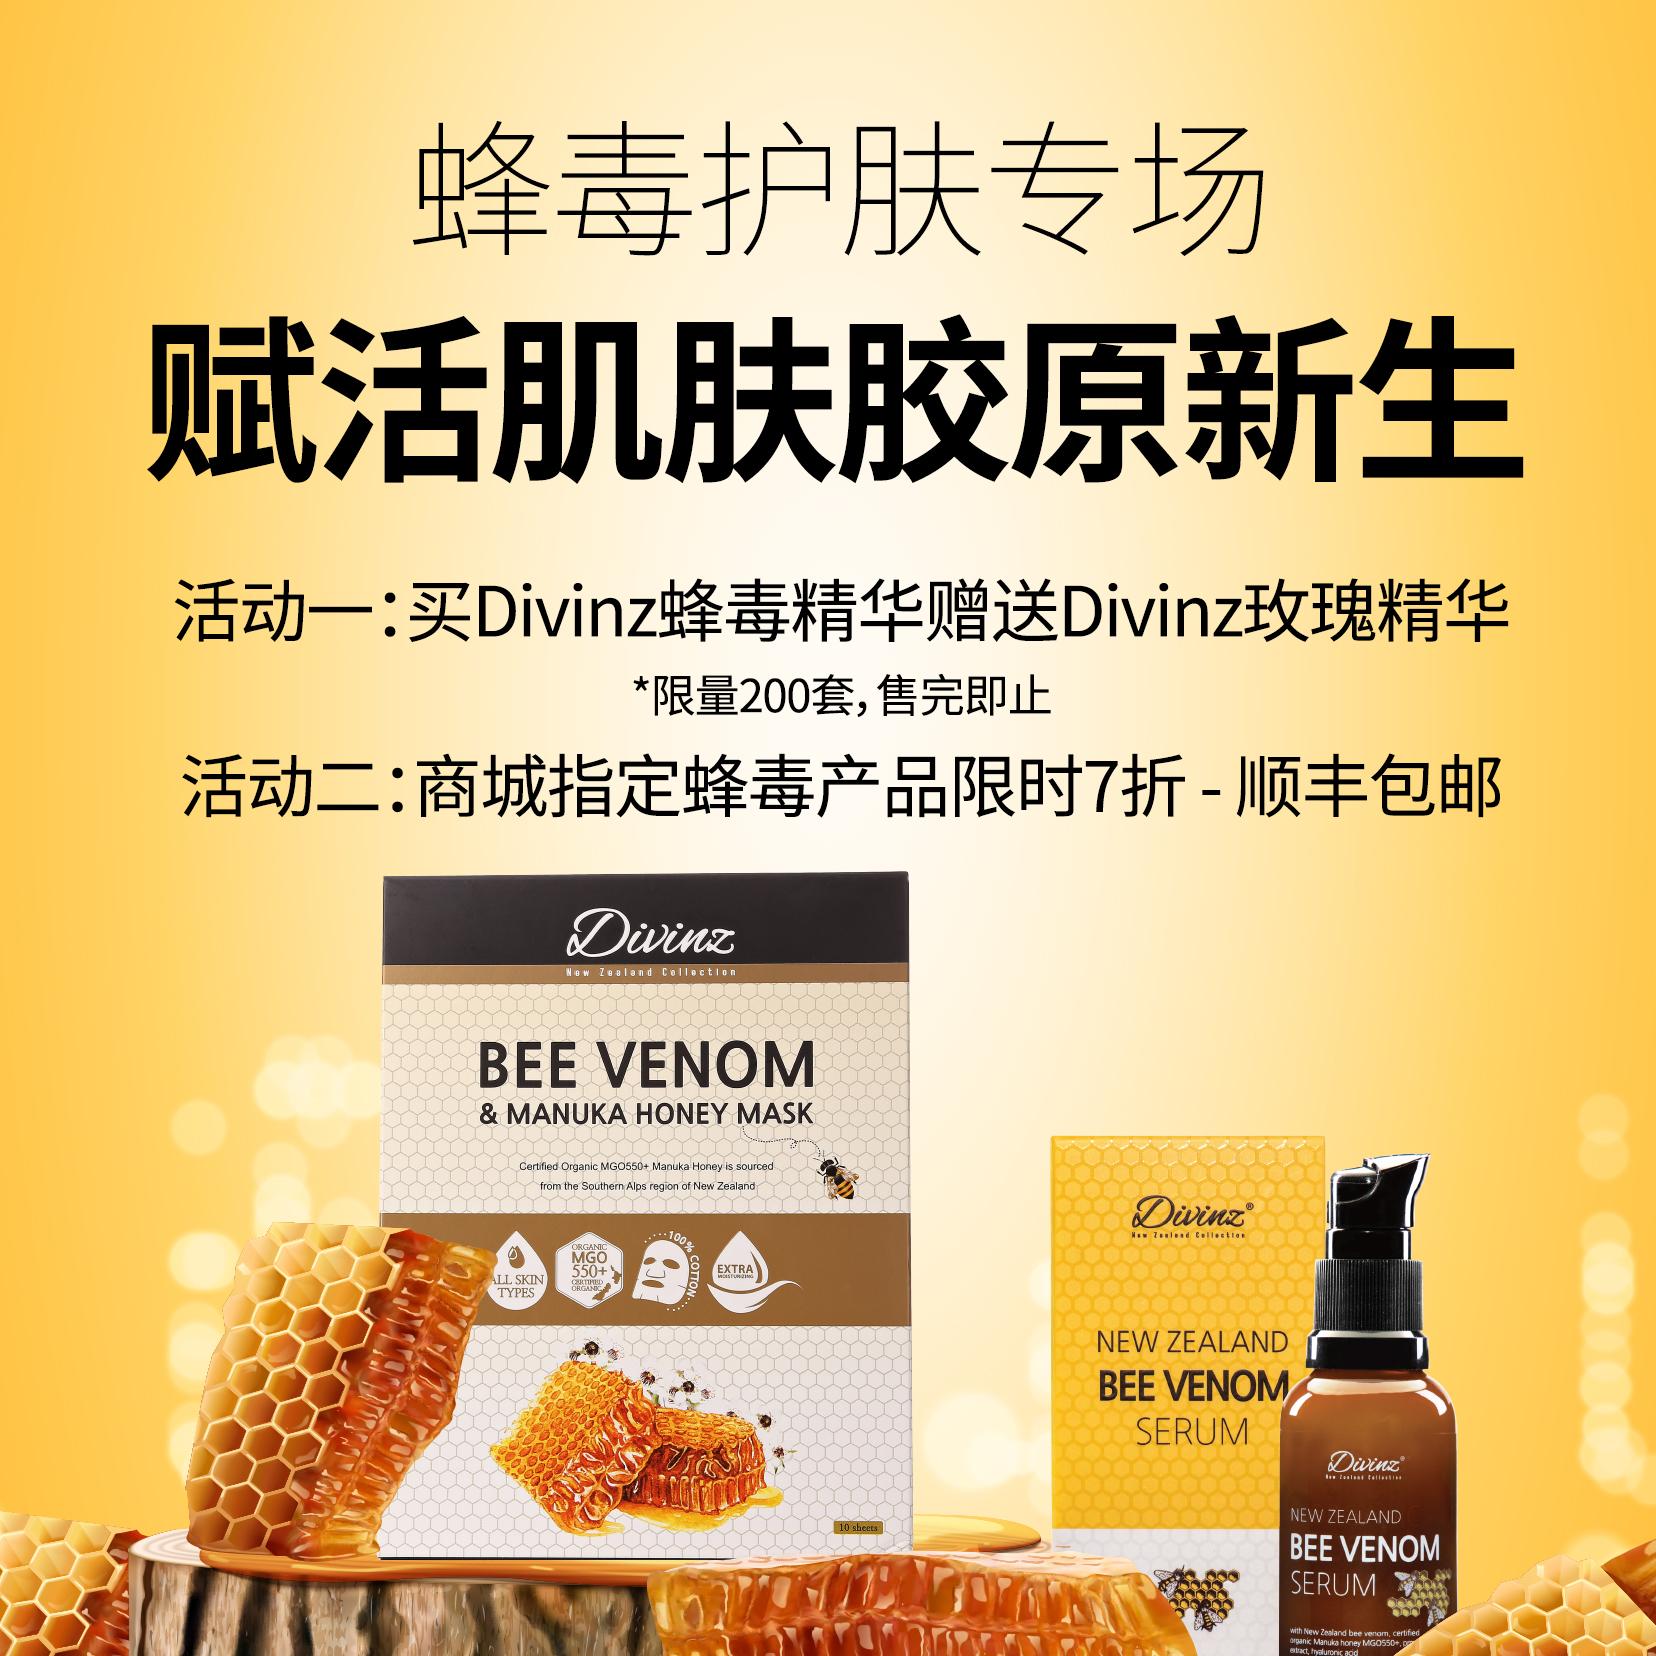 DIVINZ Mask Banner-1